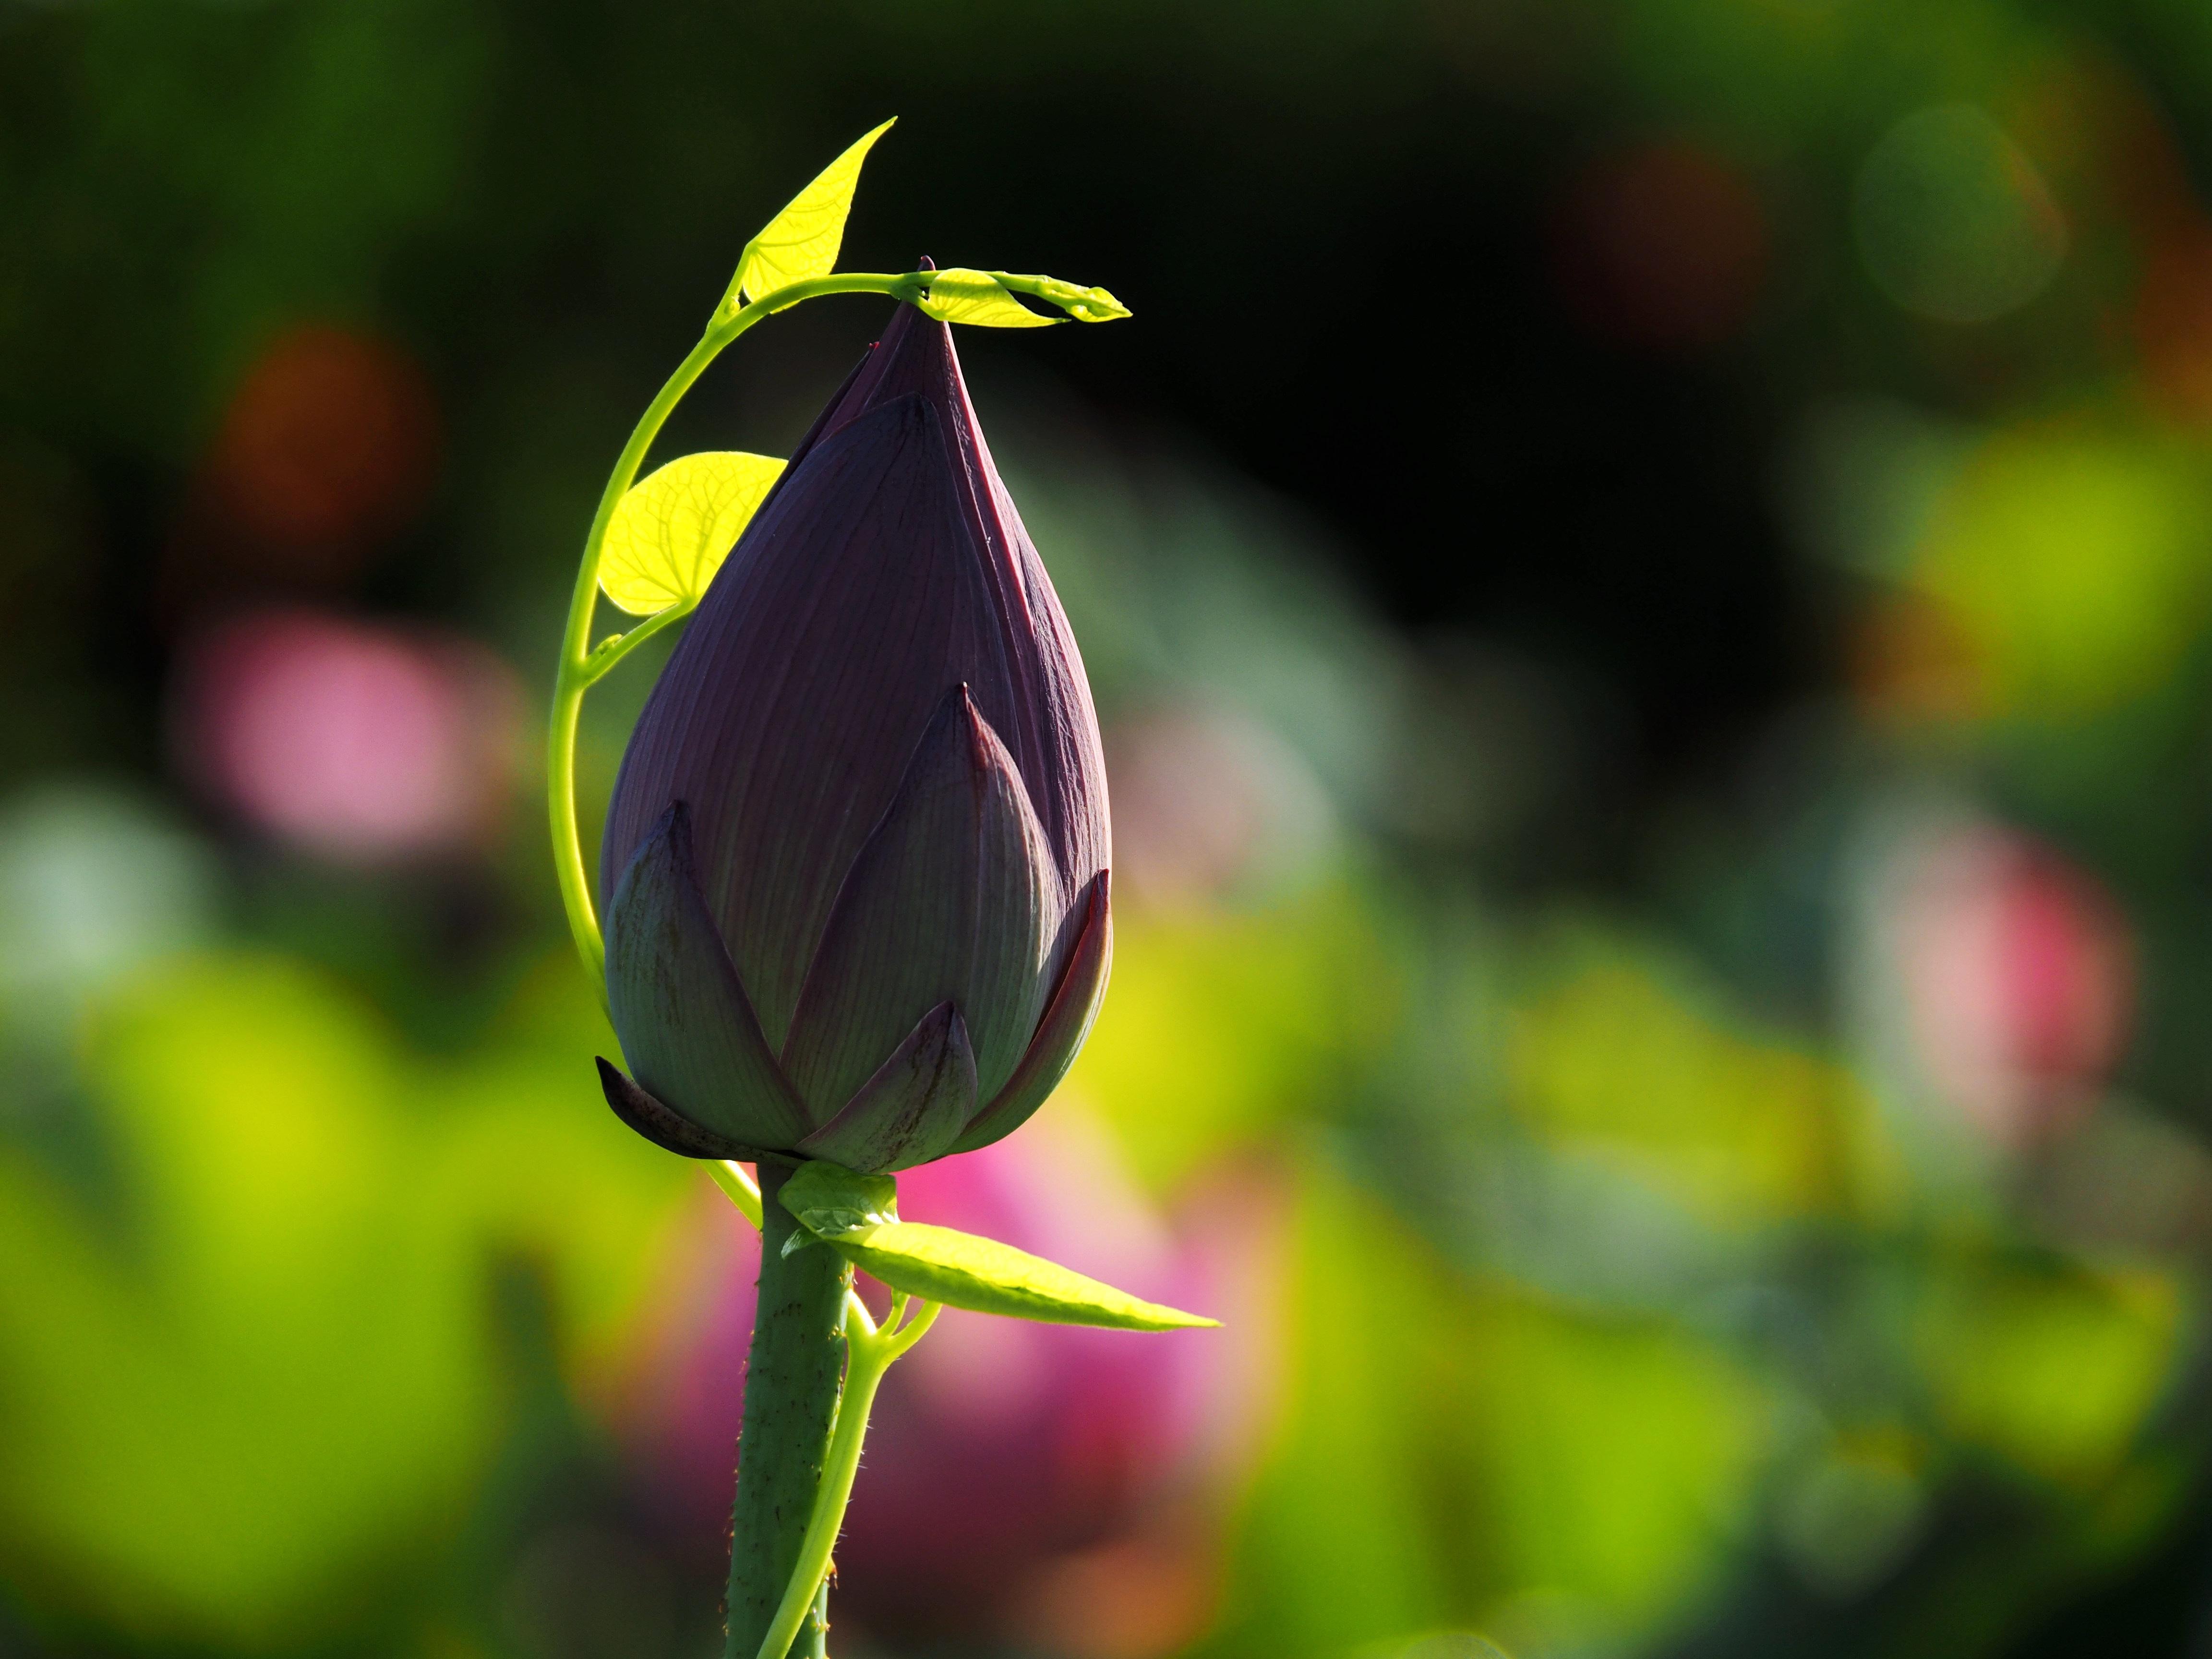 61122 Hintergrundbild herunterladen Blumen, Lotus, Knospe, Bud, Unschärfe, Glatt, Stengel, Stiel - Bildschirmschoner und Bilder kostenlos